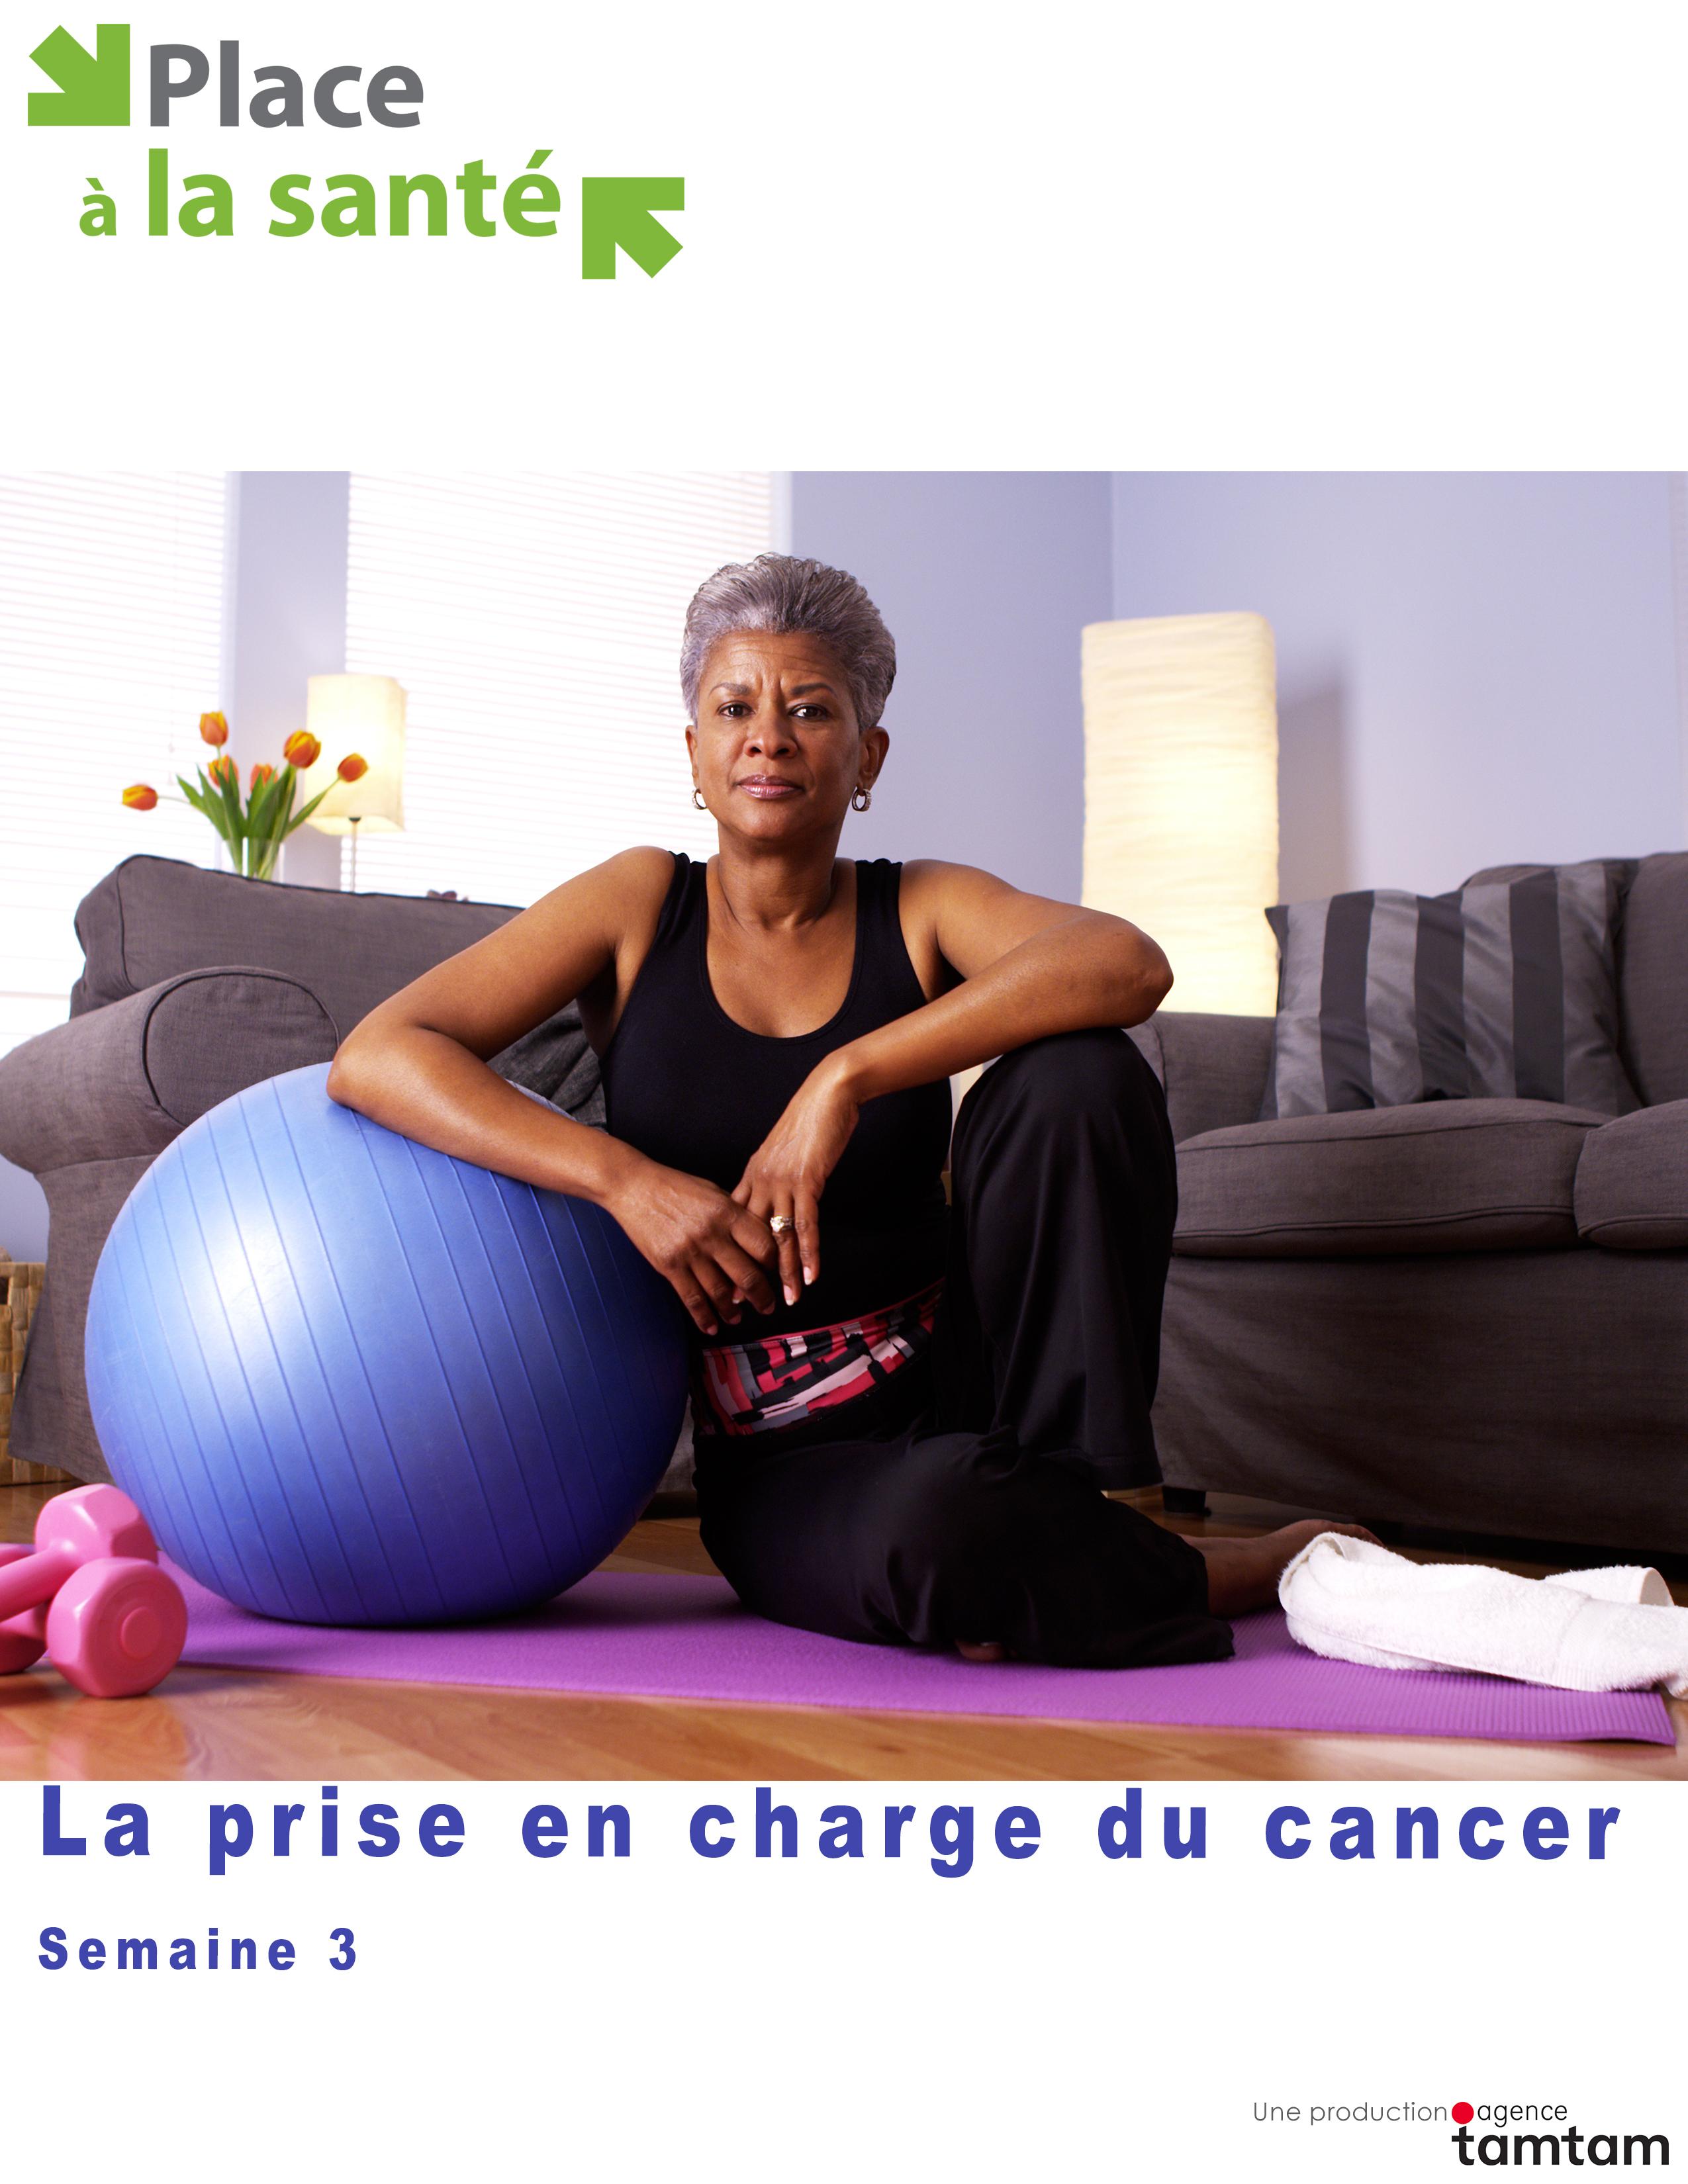 La prise en charge du cancer - Semaine 3